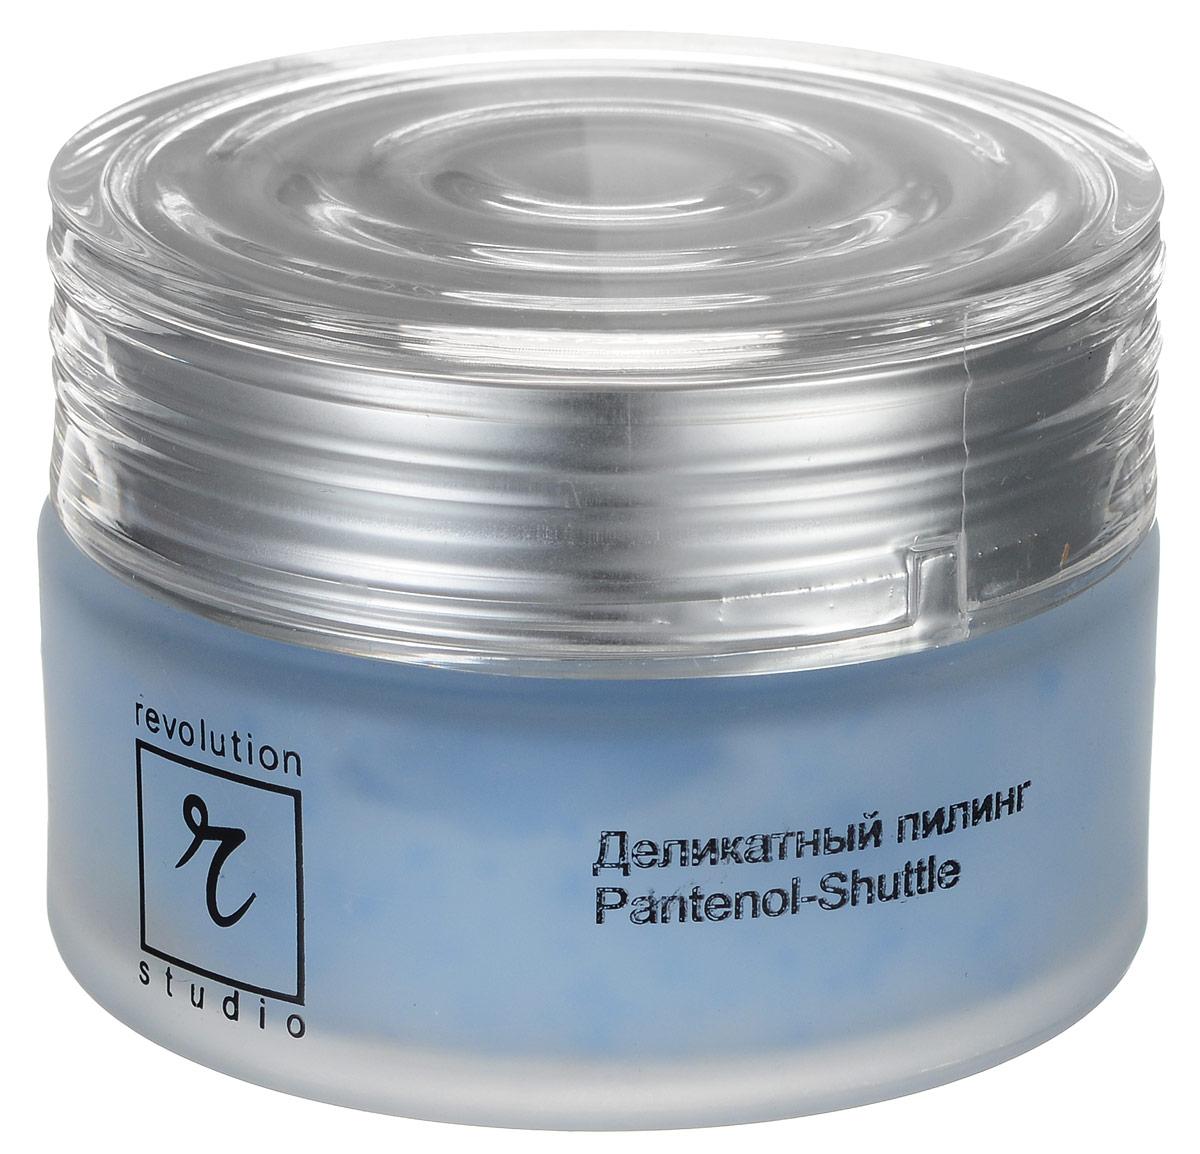 R-Studio Пилинг для нормальной и сухой кожи Pantenol-Shuttle 50 мл2610 sПредставляет собой микроэмульгированный крем с мелкодисперсным наполнителем, размеры частиц которого точно совпадают с размерами устья пор кожи, что позволяет использовать его не только как отшелушивающий крем, очищающий кожу от отмерших клеток, но и как средство, активно открывающее устье пор для облегчения салоотделения, профилактики угрей или подготовки к распариванию и глубокой чистке лица. Растительные антибиотики, специально введенные в состав, проникают во время пилинга глубоко в поры и дезинфицируют глубокие слои кожи.